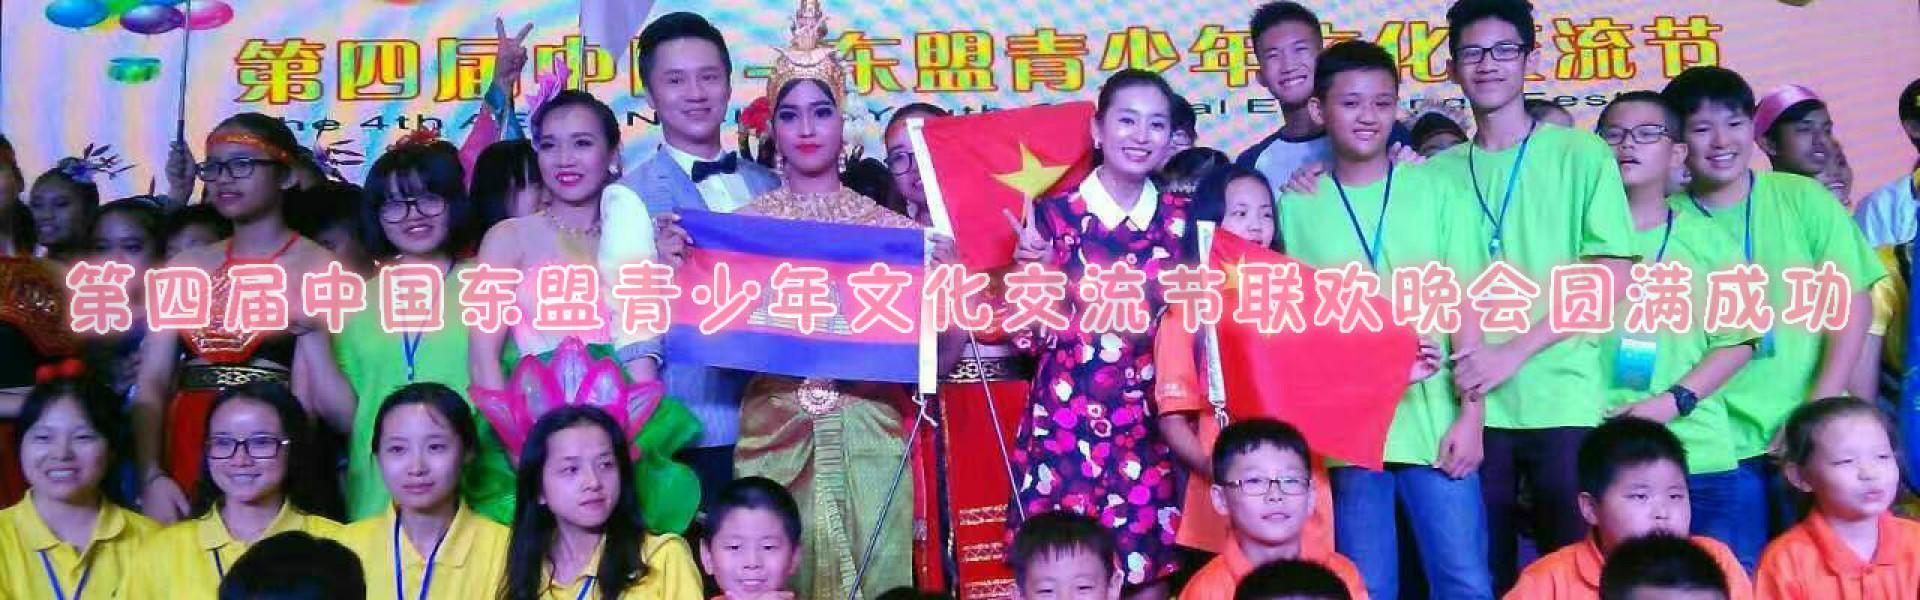 第四届中国东盟青少年文化交流节联欢晚会圆满结束